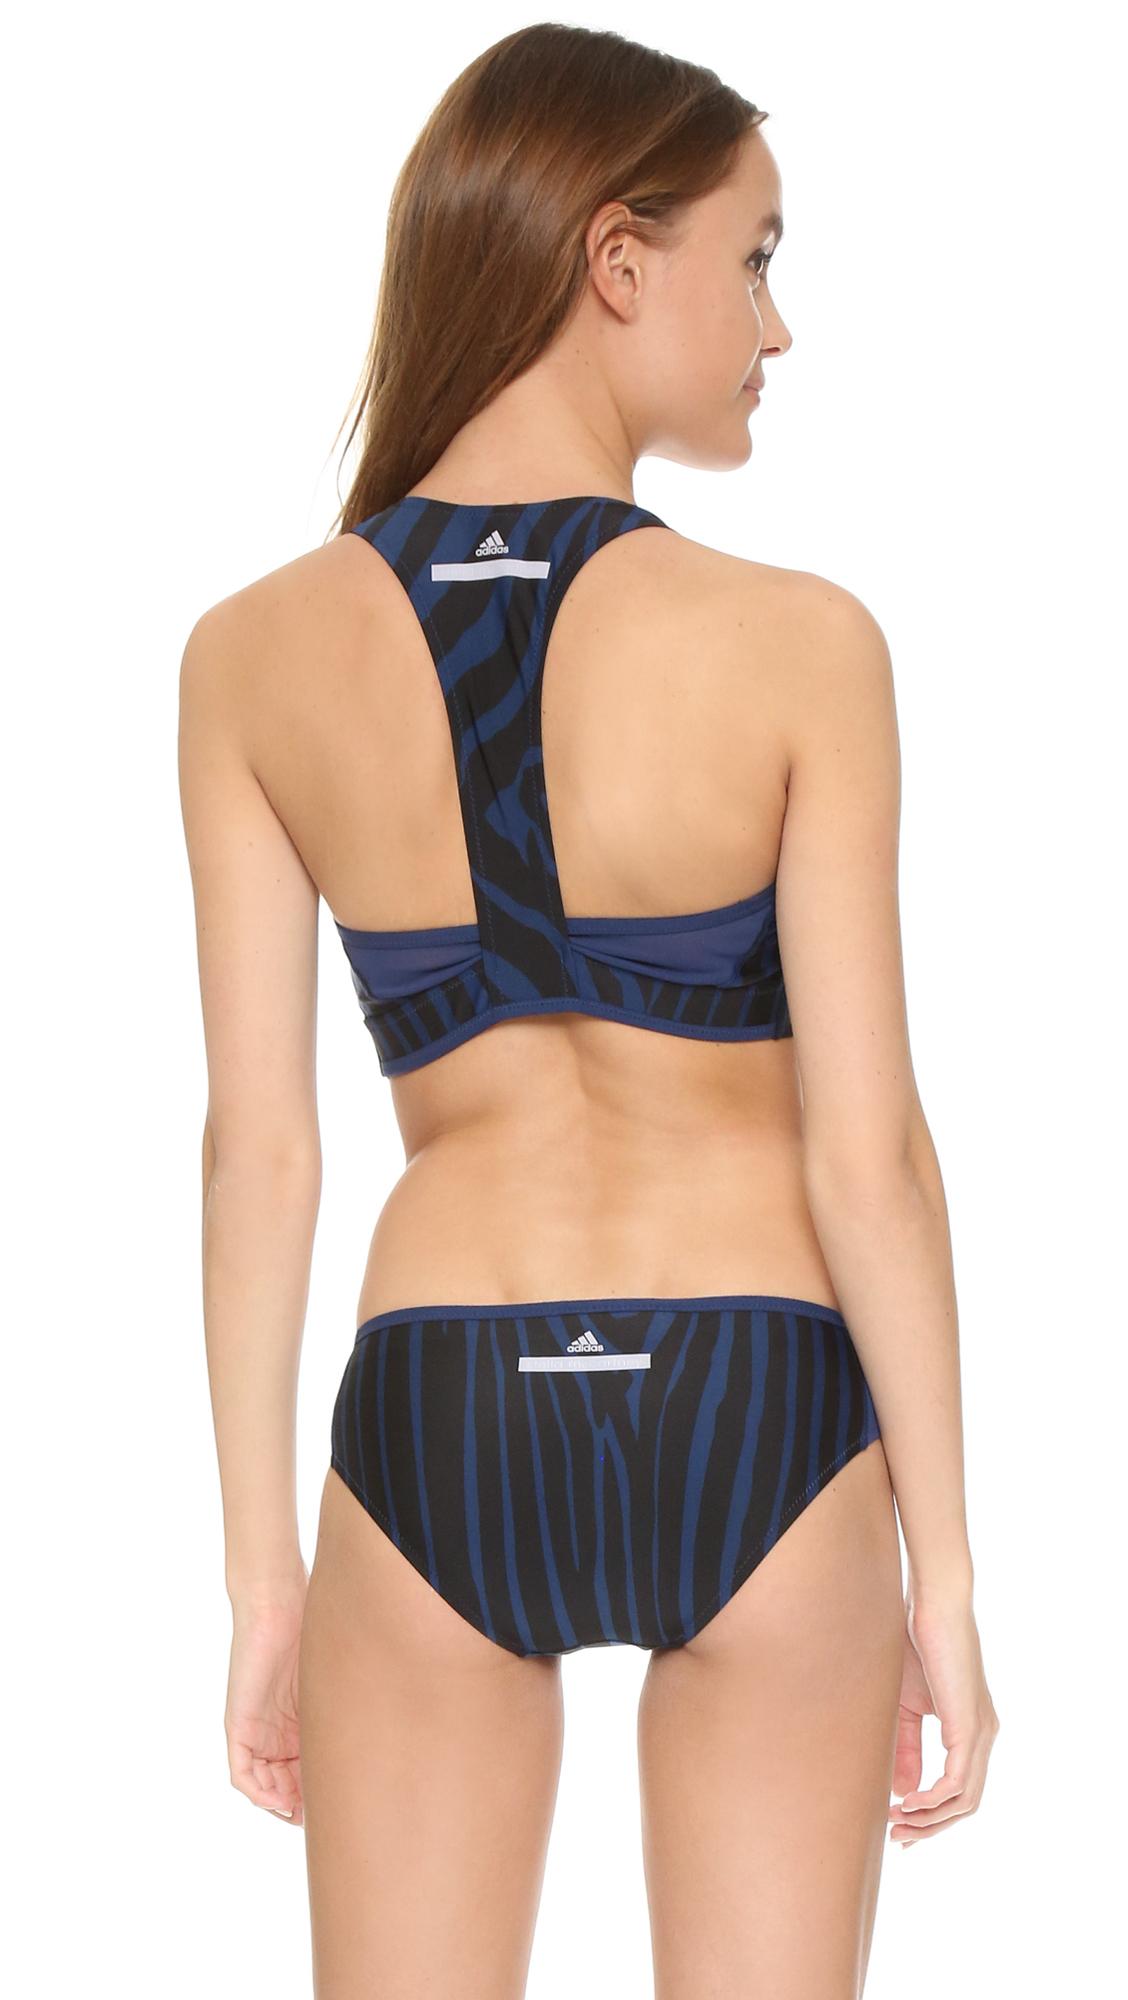 daeab94397 adidas By Stella McCartney Performance Bikini Top in Blue - Lyst